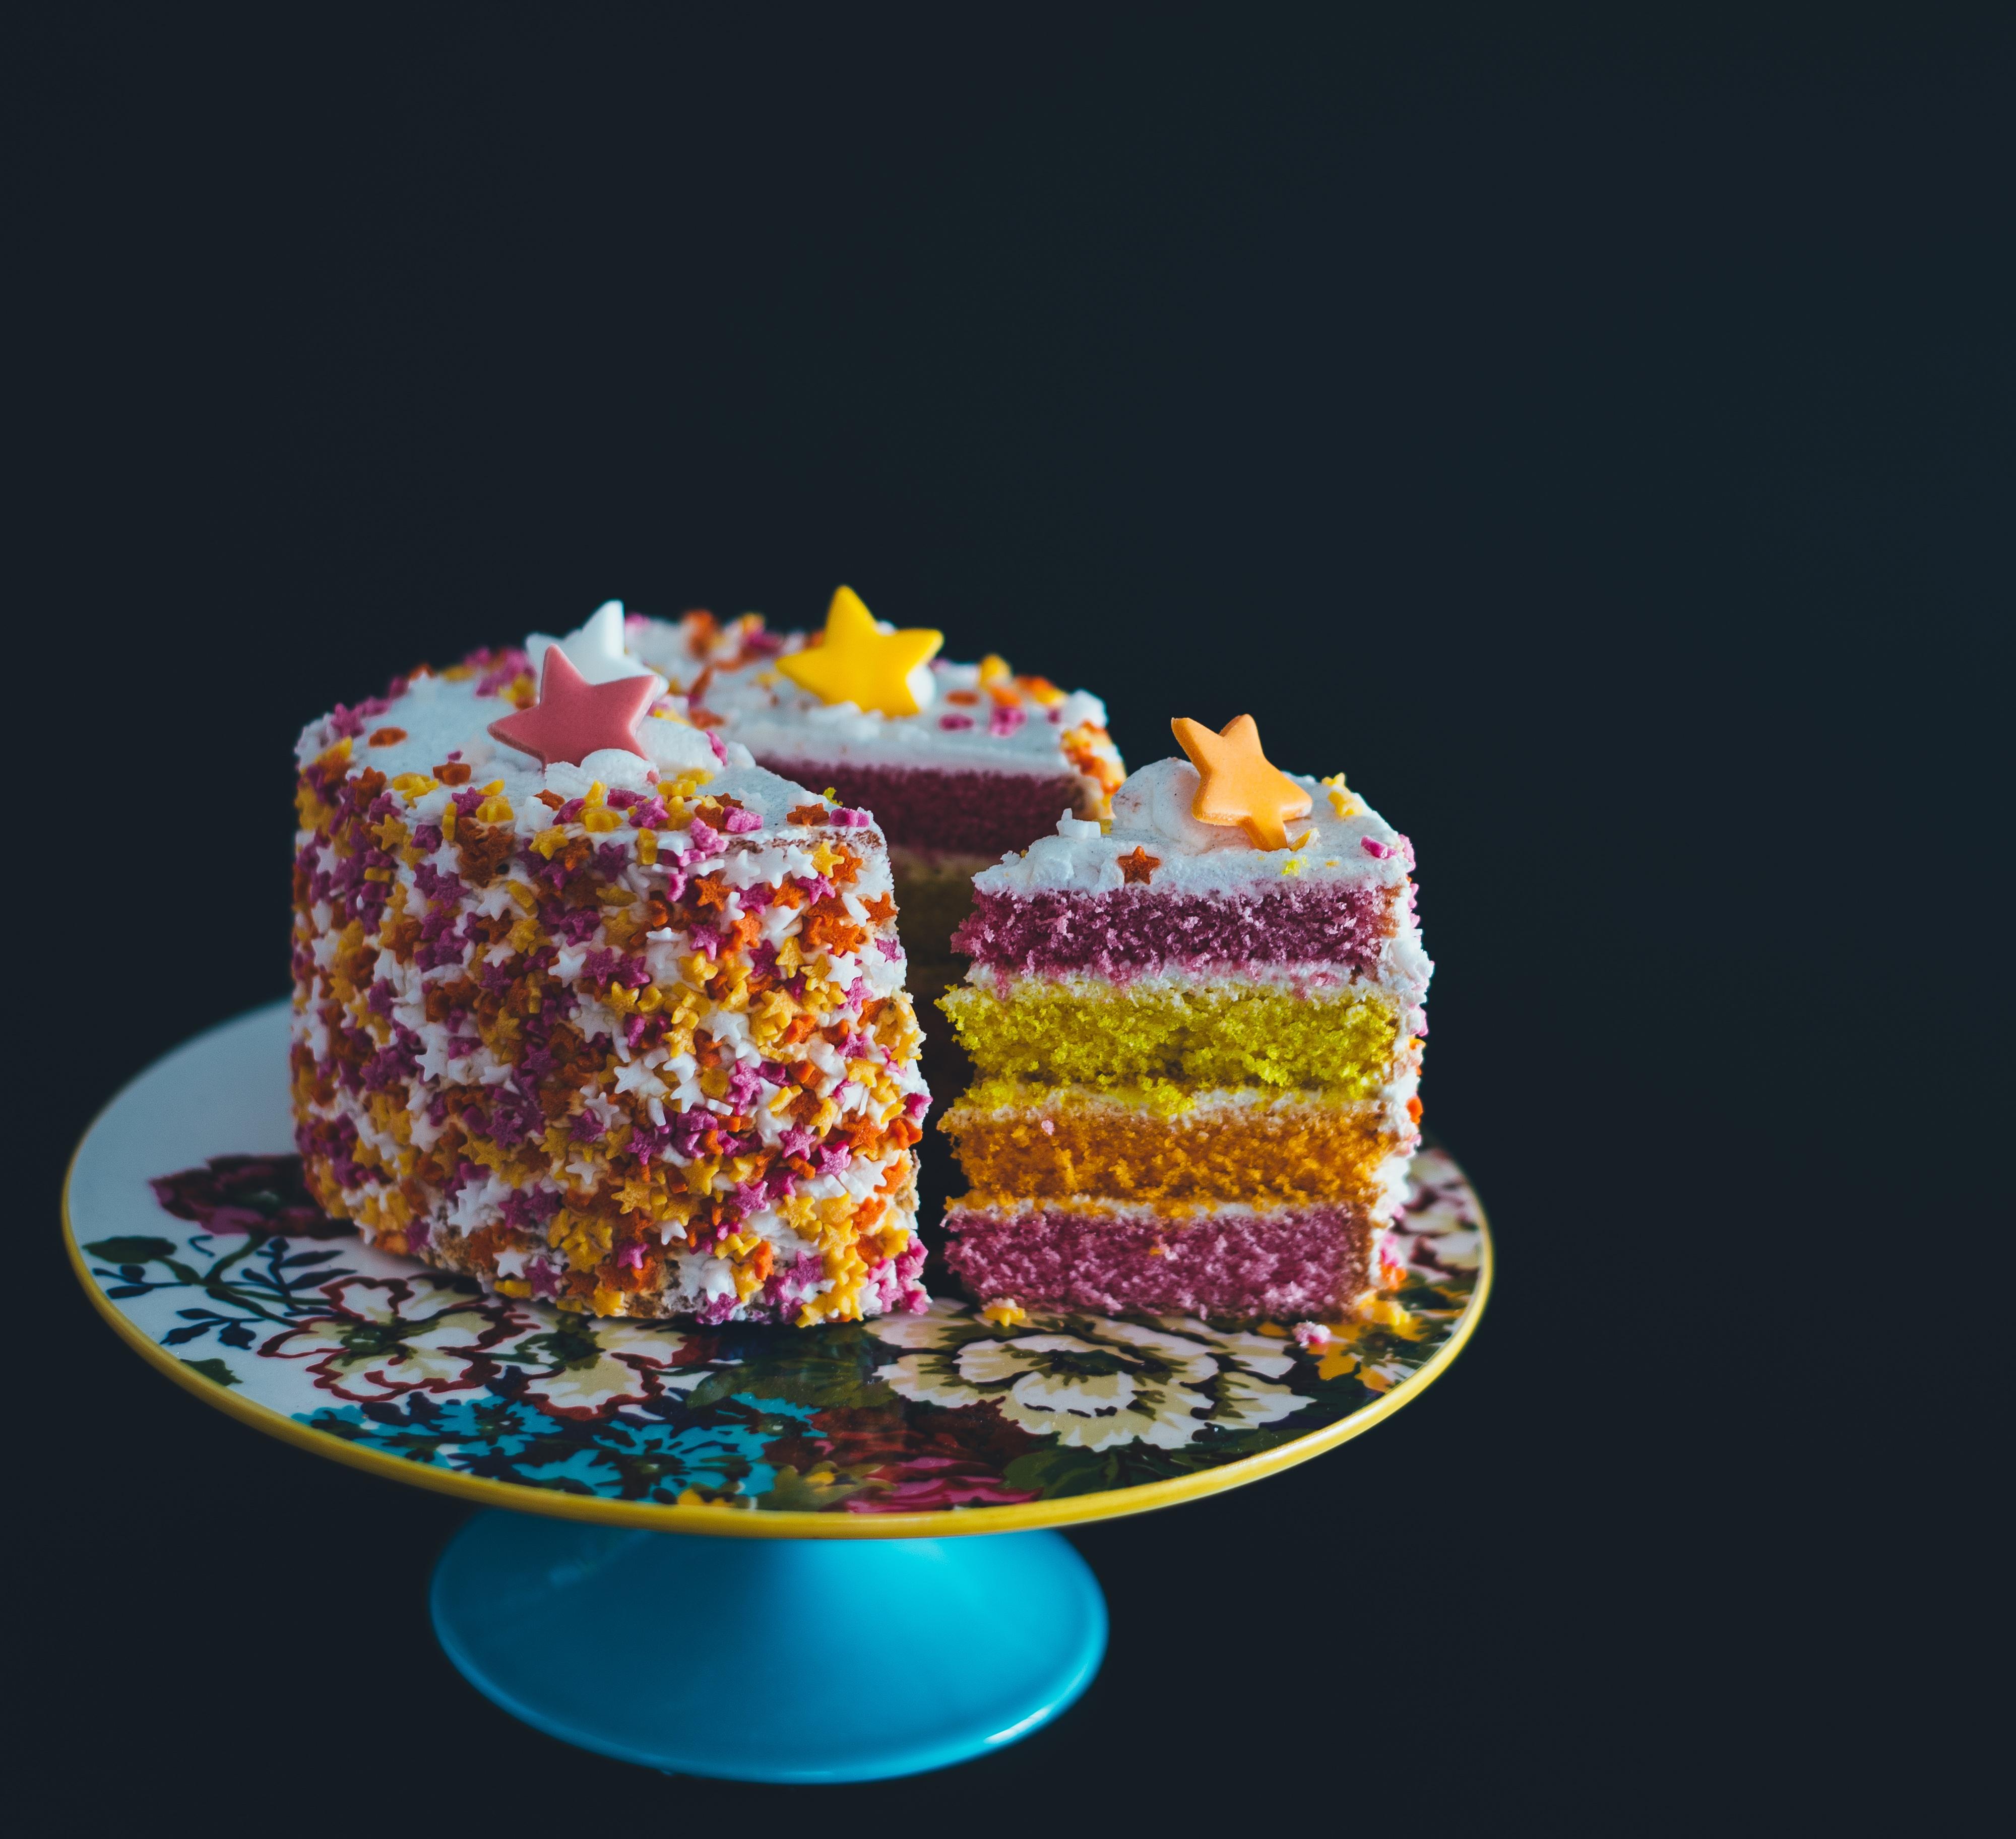 Gratis Afbeeldingen Ster Eten Nagerecht Cake Verjaardagstaart